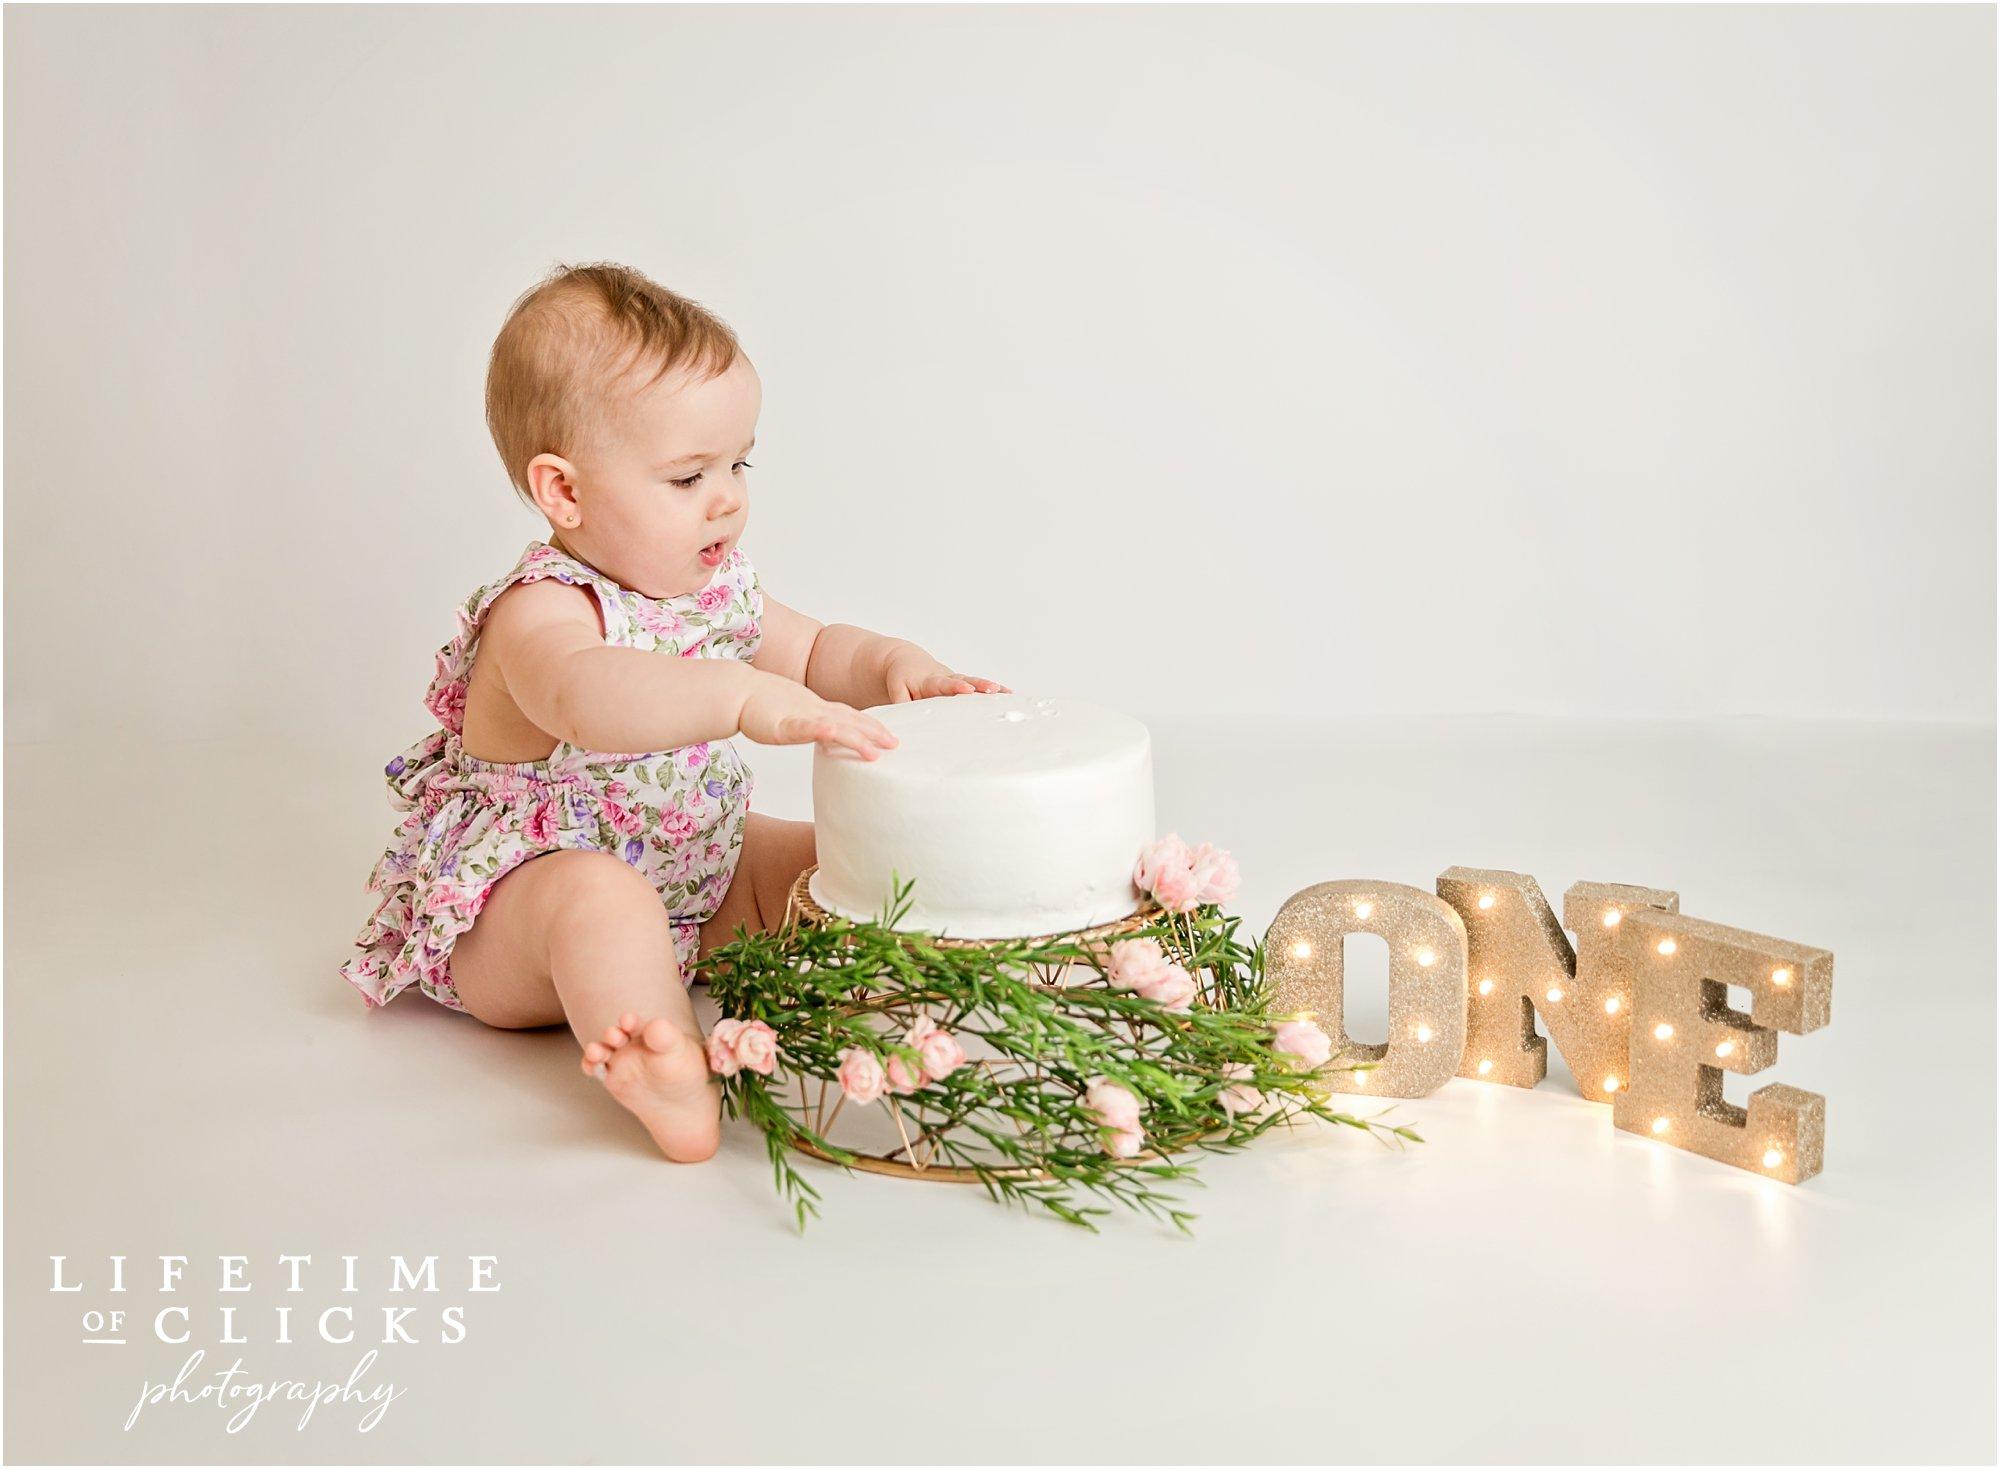 Cake smash session for little girl